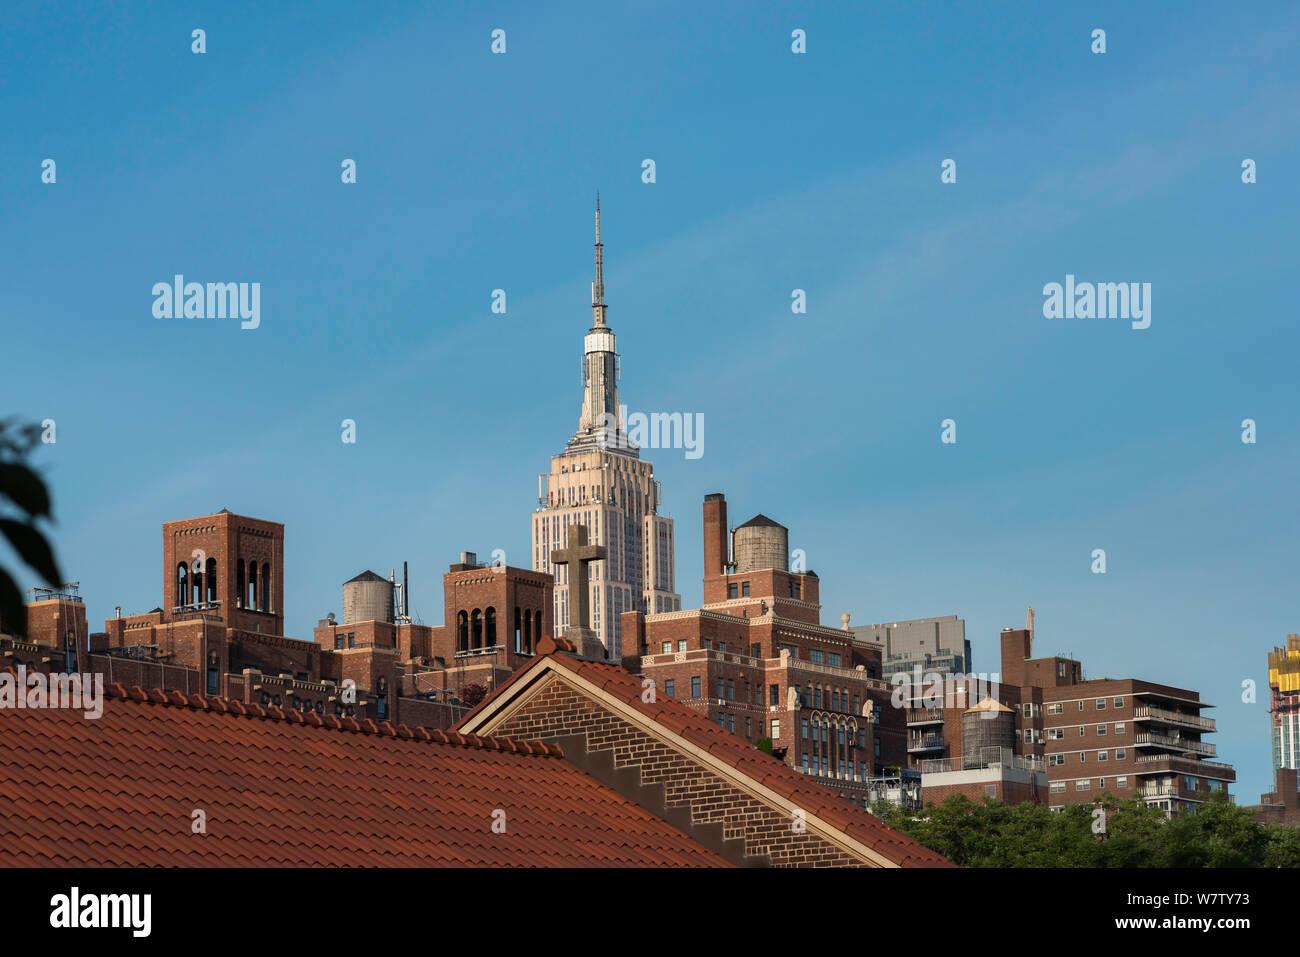 Le centre-ville de New York, vue sur les toits de Chelsea à Manhattan, avec l'Empire State building visible dans la distance, New York City, USA Banque D'Images